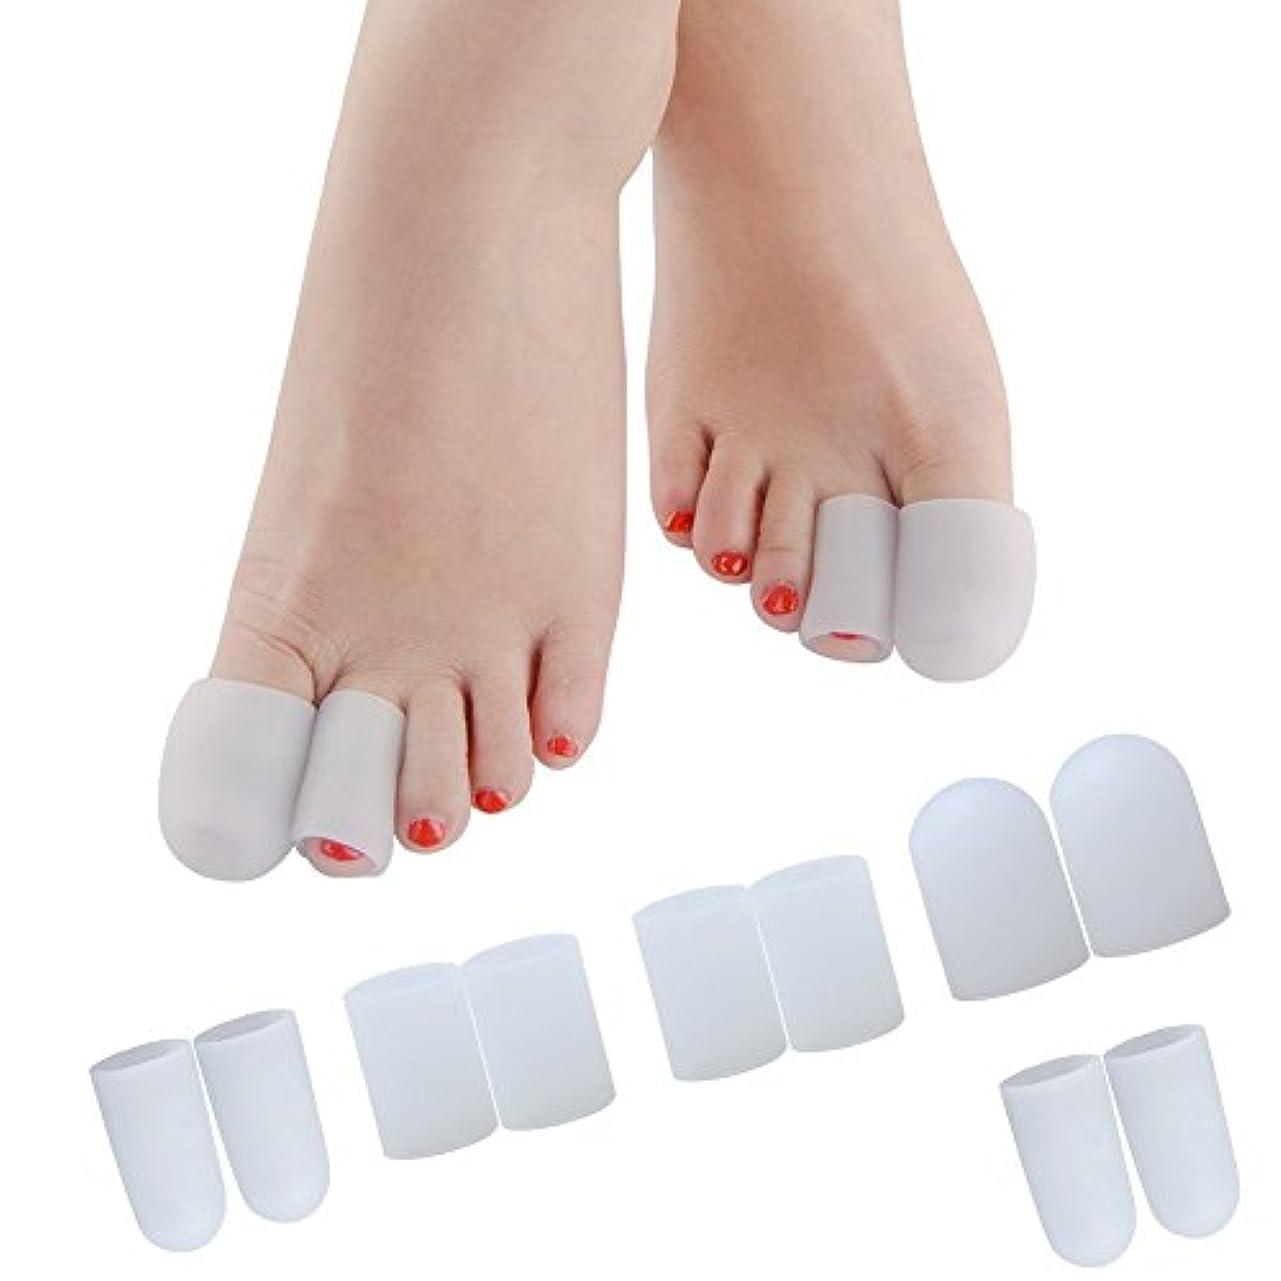 時々控えめな身元Povihome 足指 足爪 保護キャップ 親指, 足先のつめ保護キャップ, つま先キャップ 白い 5ペア,足指保護キャップ